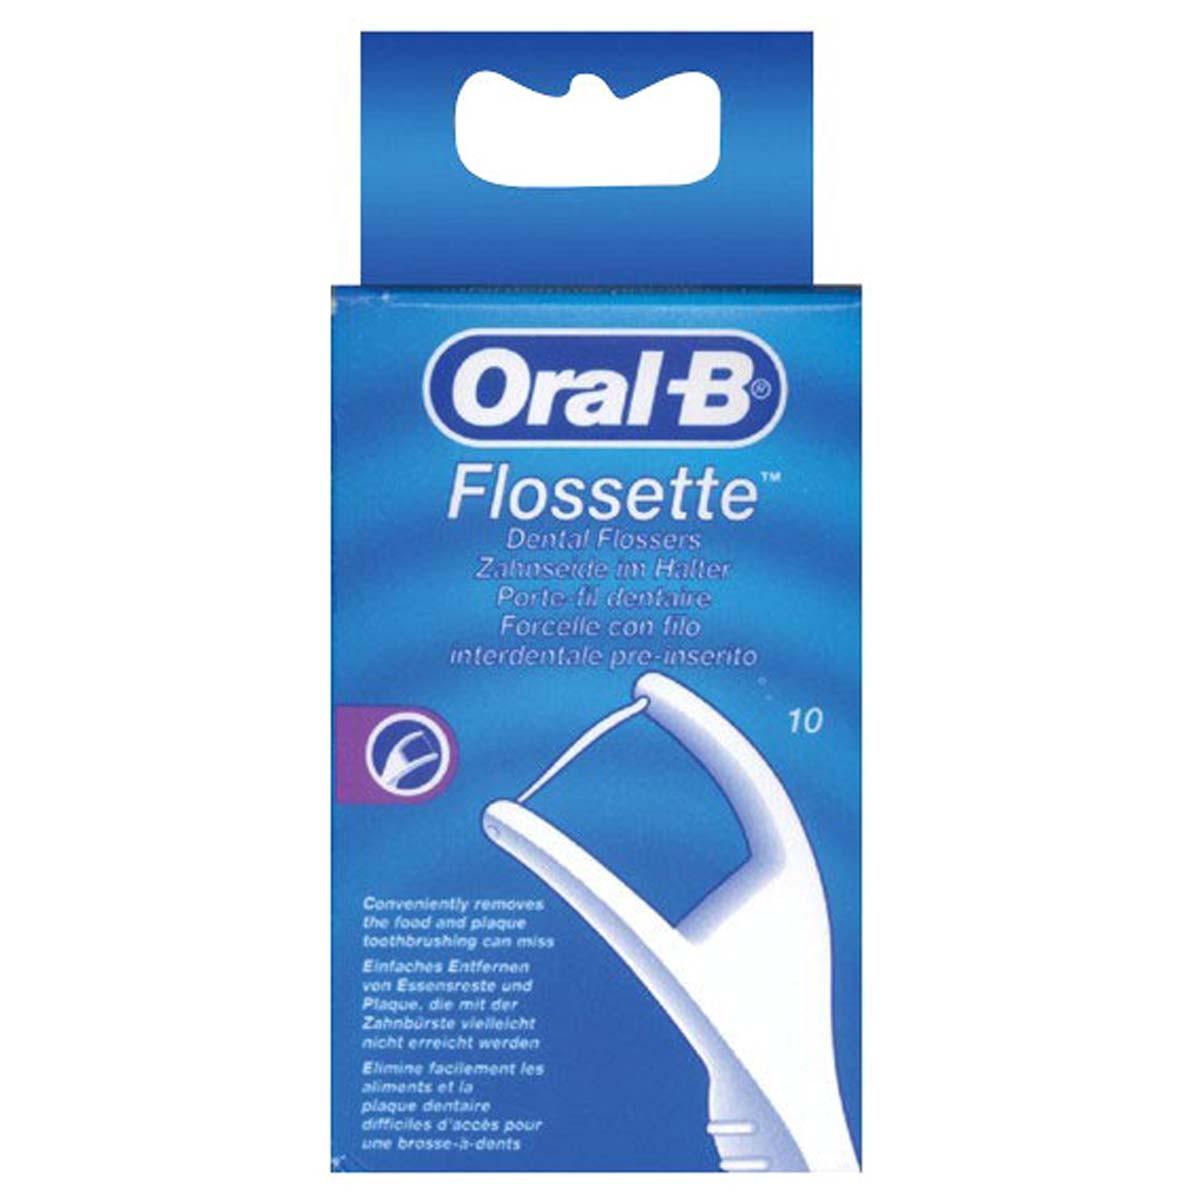 Rotex oral b flossette 10 pz filo interdentale forcelle denti pulizia nuovo ebay - Finestra tra i denti ...